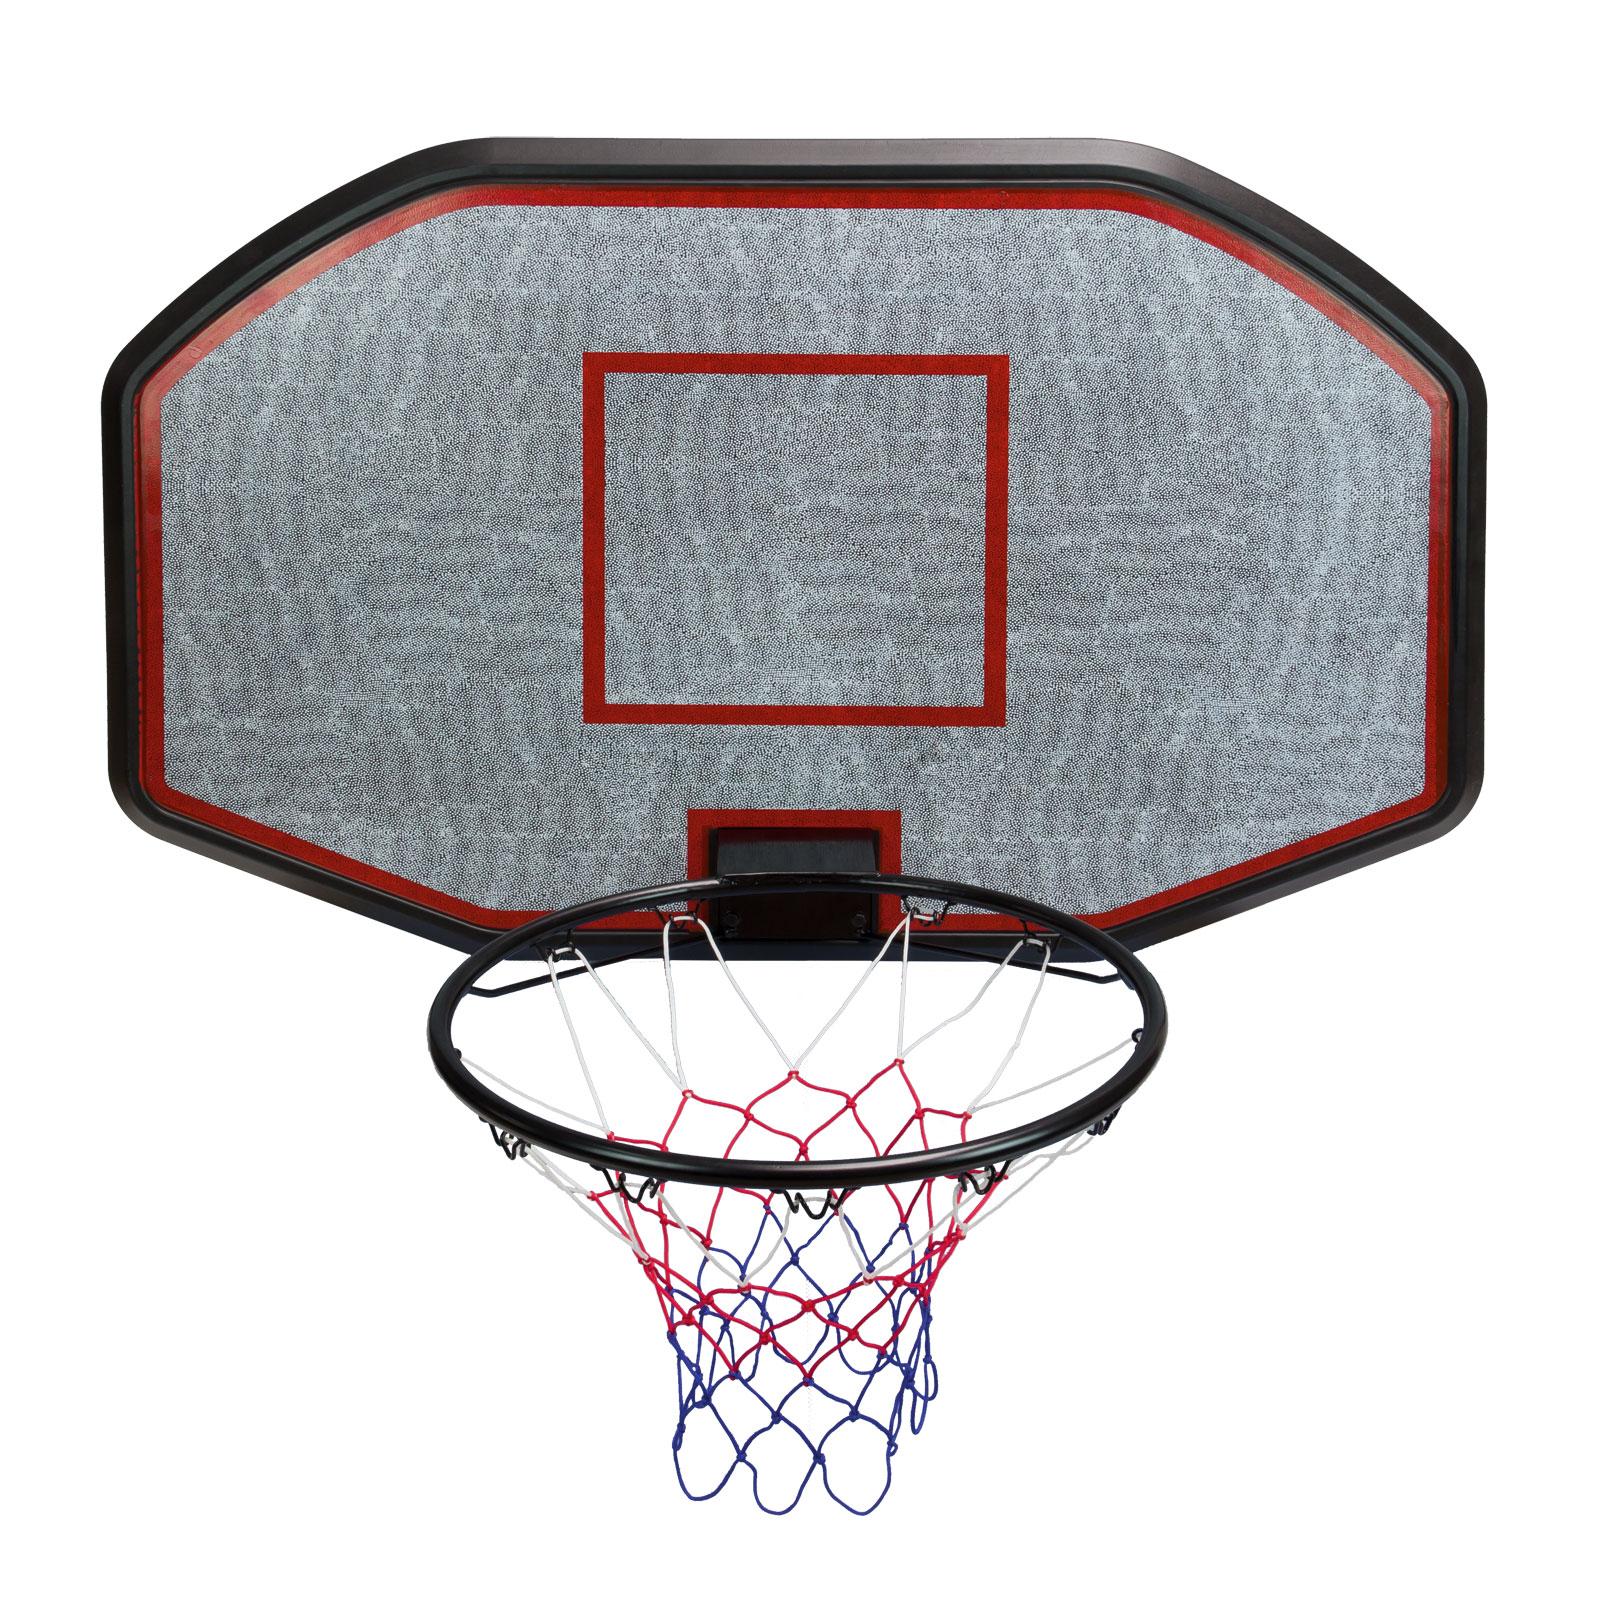 Basketballkorb XXL Streetball Brett Korb Netz Ring Metall ...